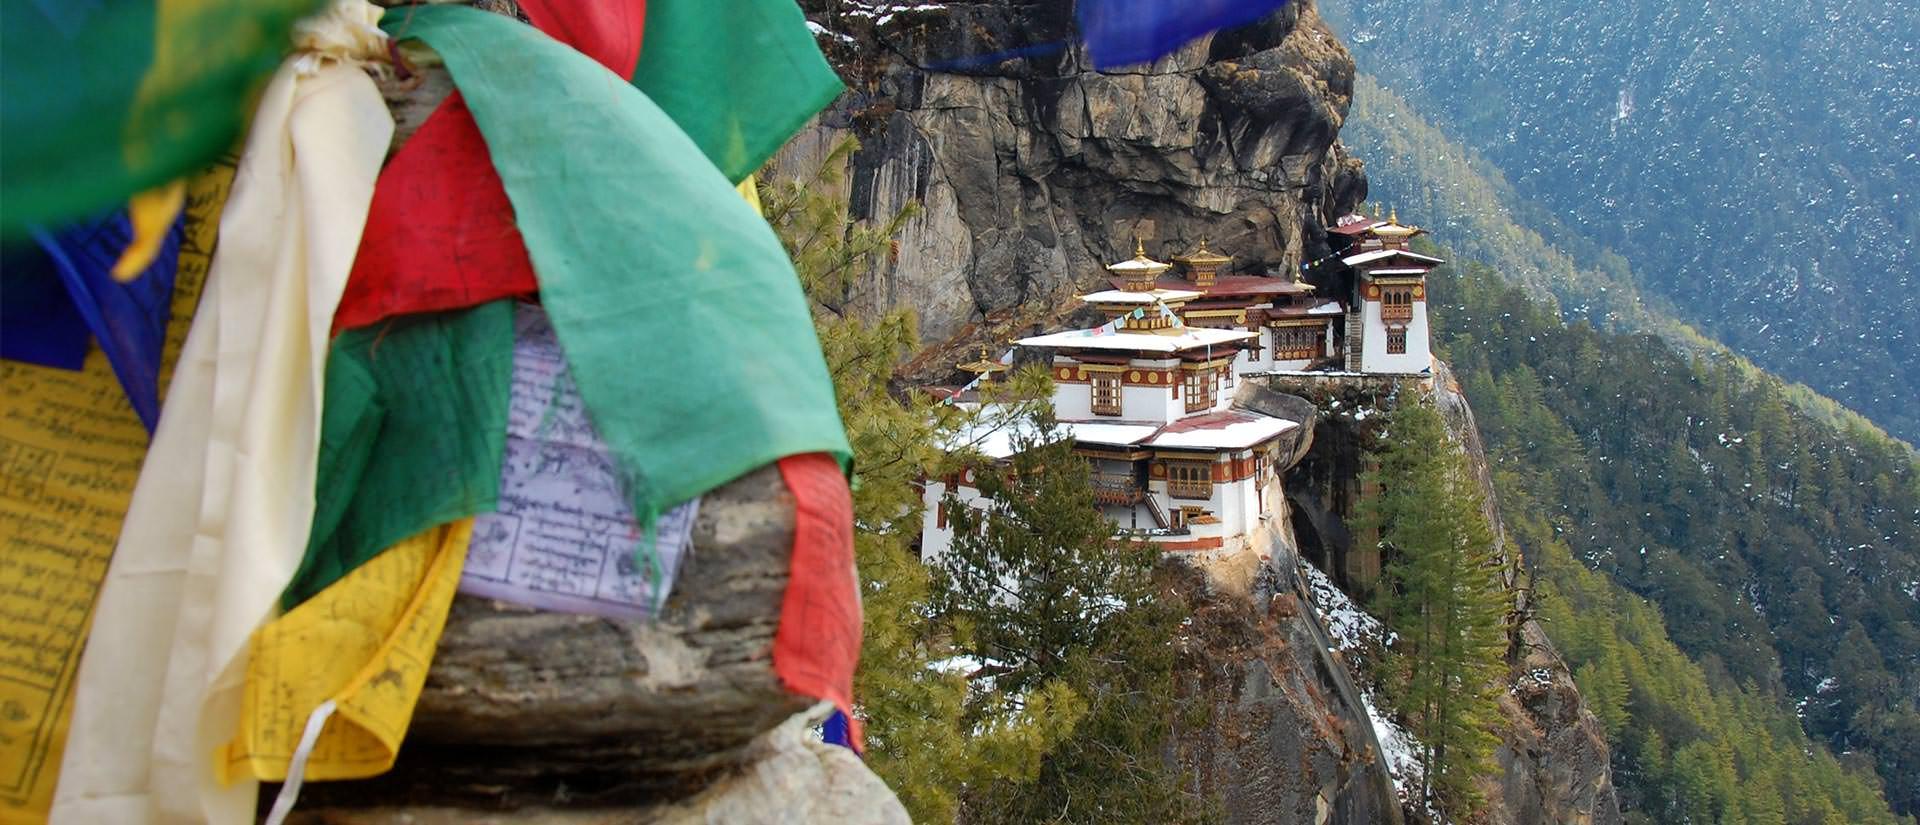 טיול לבהוטן ונפאל - 14 יום - עולם נסתר בממלכות ההימלאיה